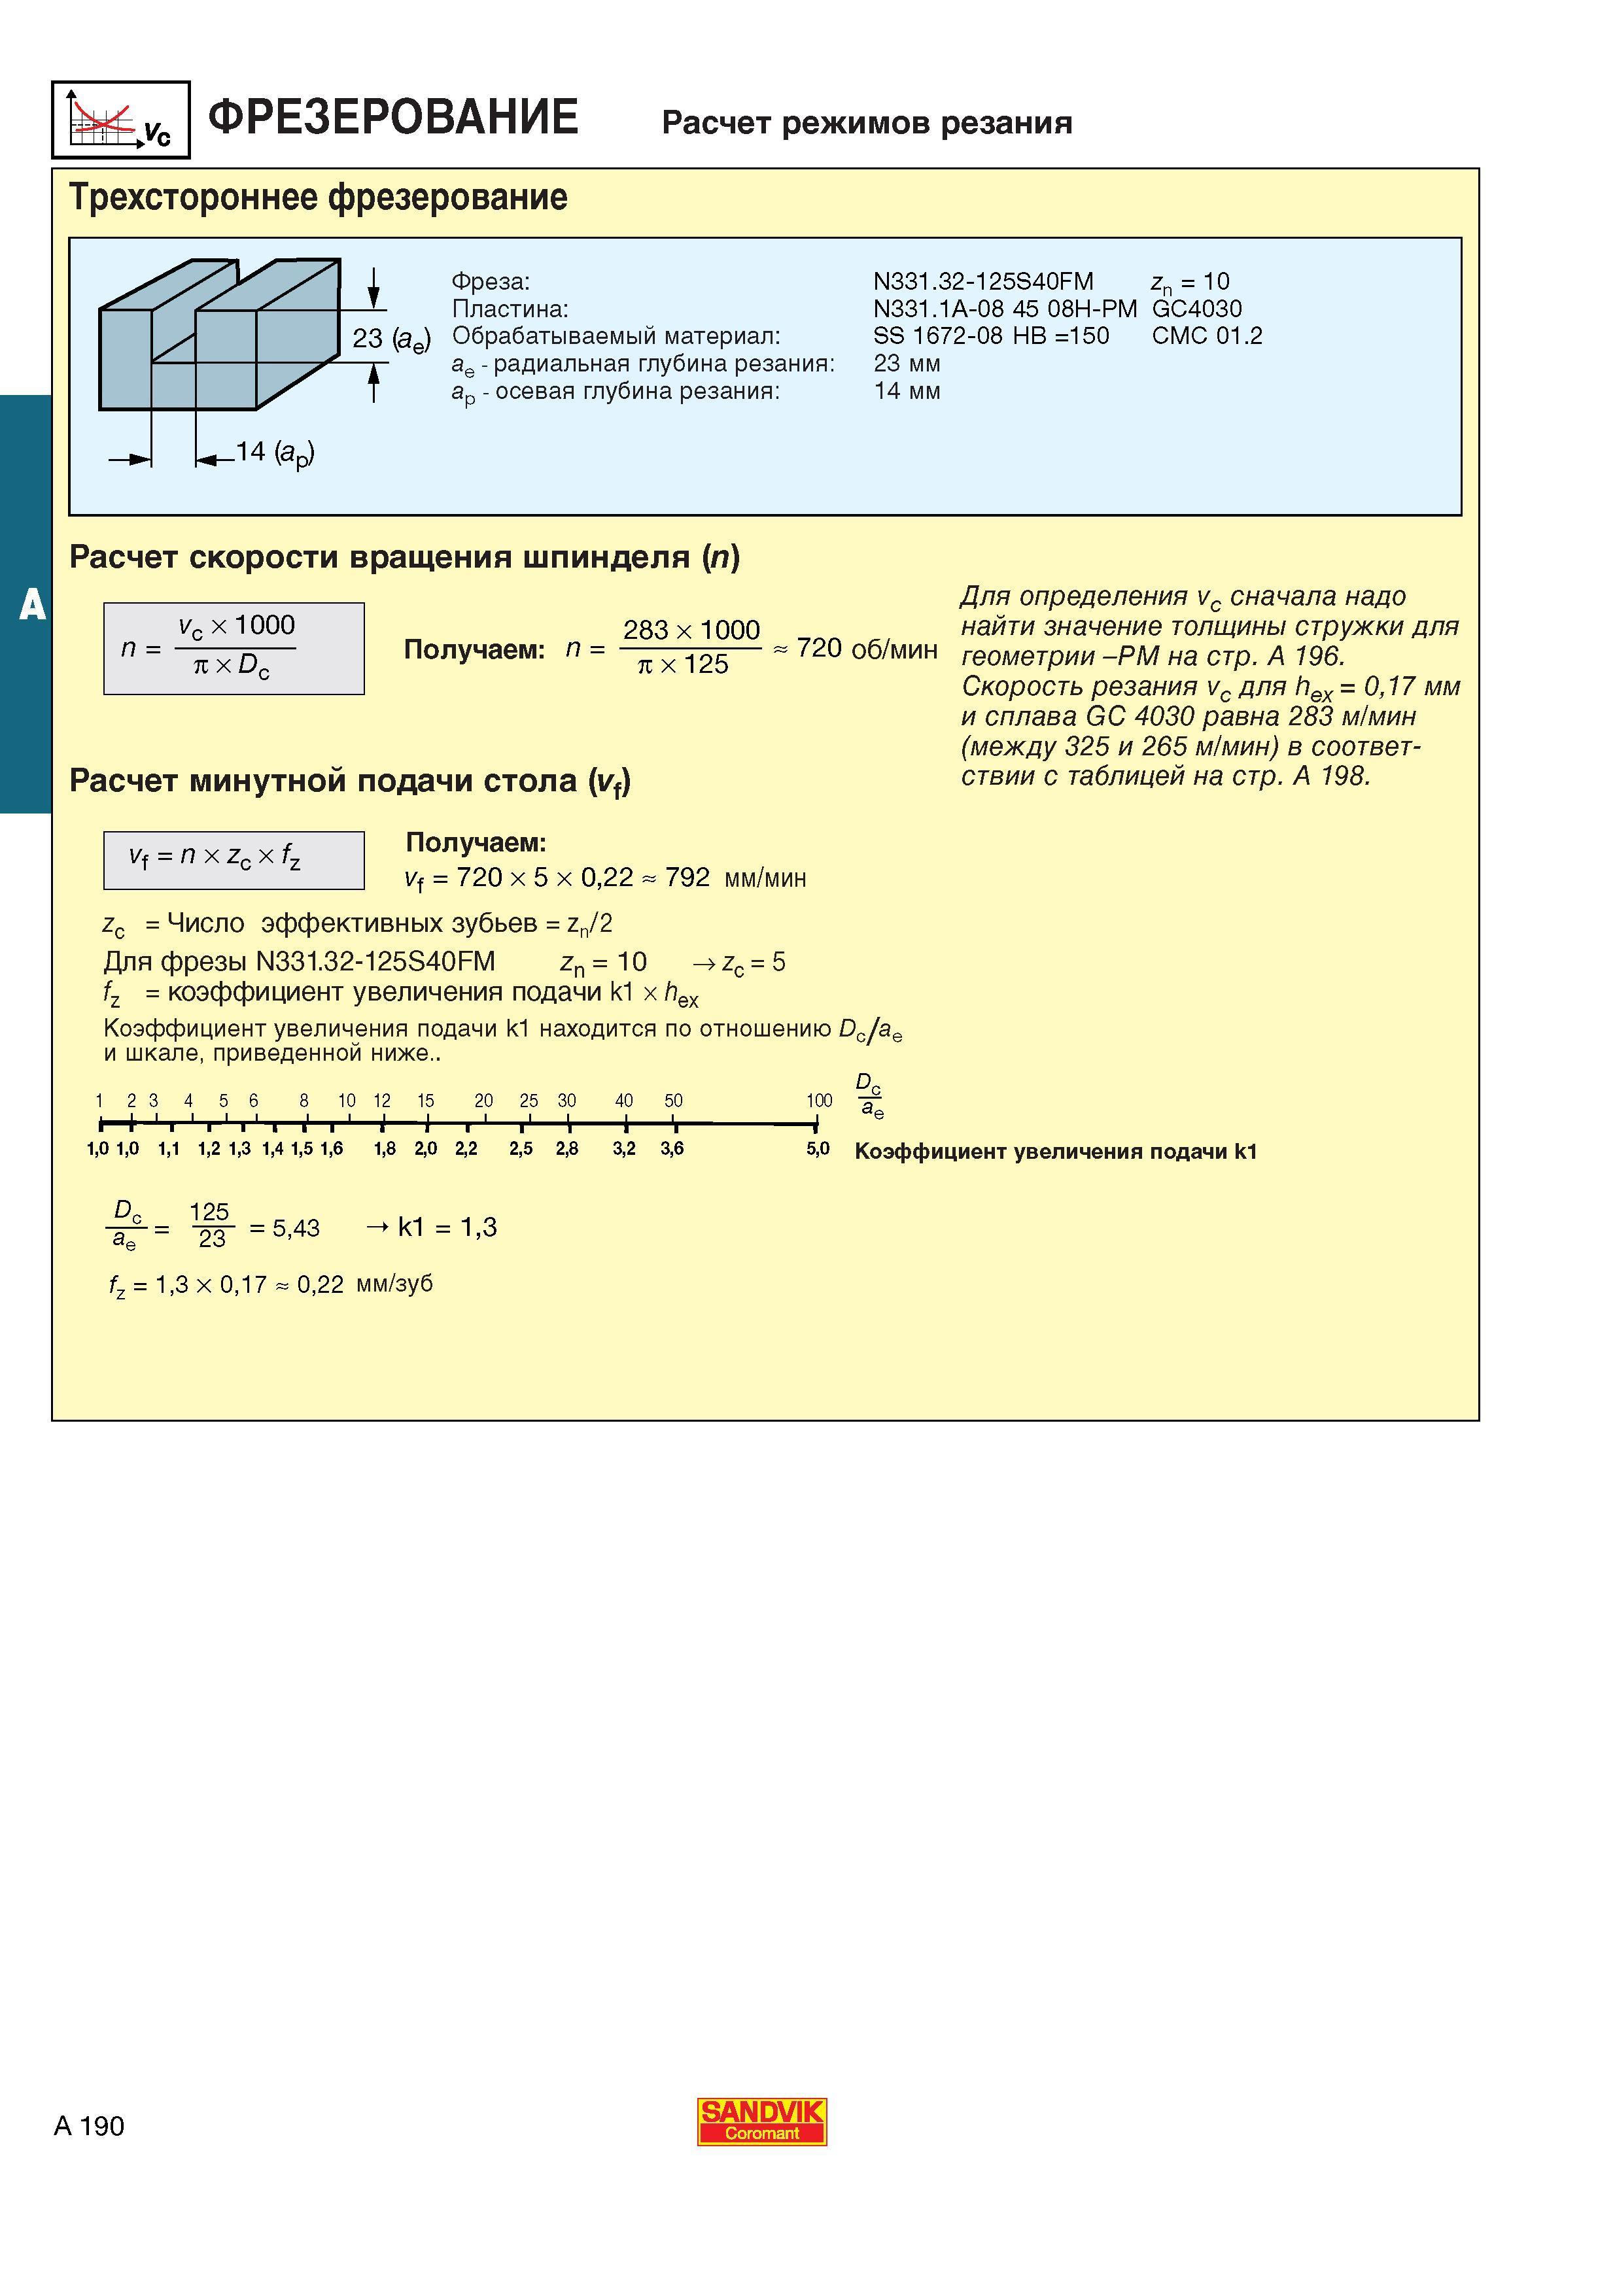 Режимы резания: способы расчета, необходимые формулы